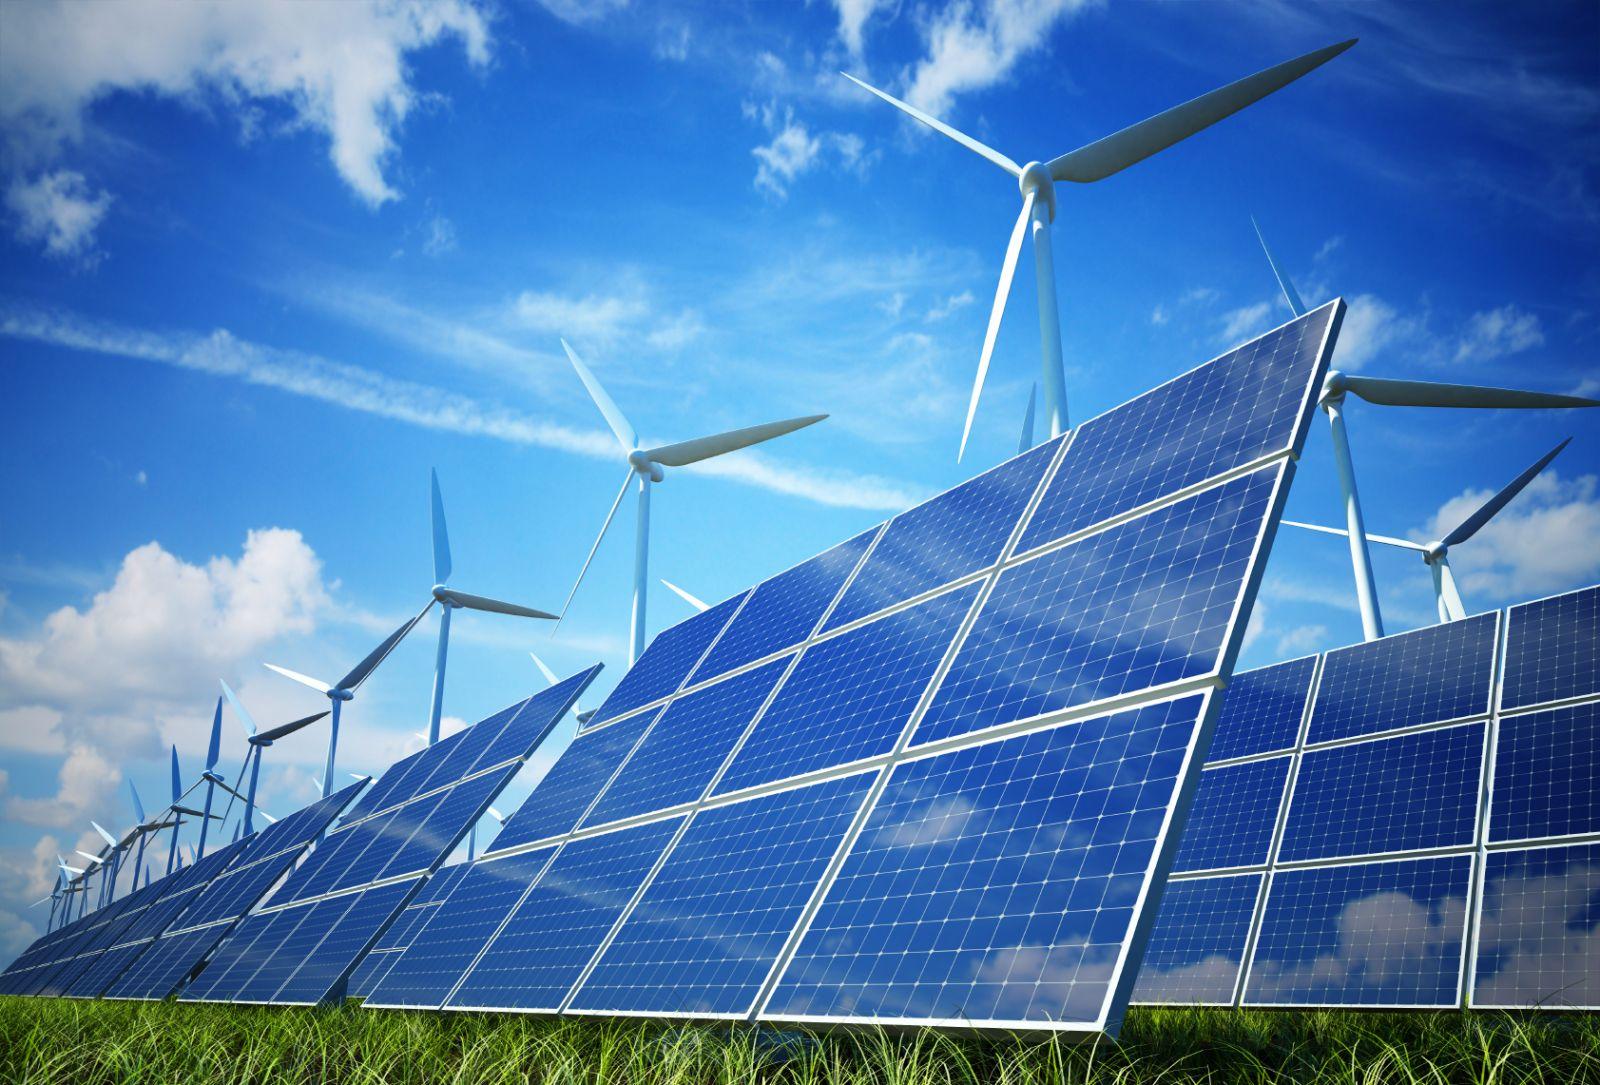 Les énergies renouvelables ont le vent en poupe